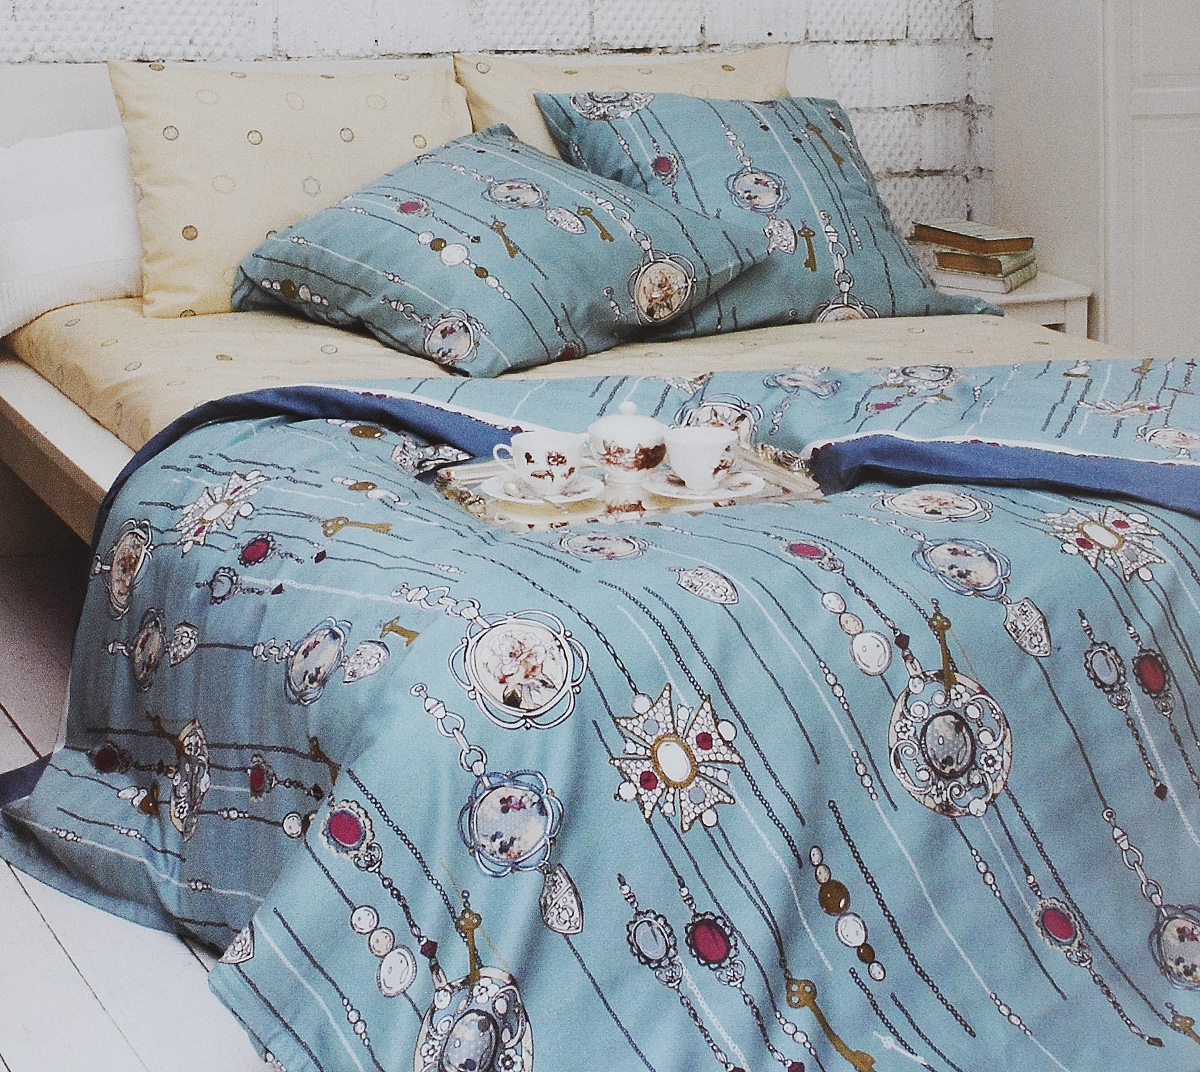 Комплект белья Tiffanys Secret, 1,5-спальный, наволочки 50х70, цвет: бирюзовый, белый, бежевый80621Комплект постельного белья Tiffanys Secret является экологически безопасным для всей семьи, так как выполнен из сатина (100% хлопок). Комплект состоит из пододеяльника, простыни и двух наволочек. Предметы комплекта оформлены оригинальным рисунком.Благодаря такому комплекту постельного белья вы сможете создать атмосферу уюта и комфорта в вашей спальне.Сатин - это ткань, навсегда покорившая сердца человечества. Ценившие роскошь персы называли ее атлас, а искушенные в прекрасном французы - сатин. Секрет высококачественного сатина в безупречности всего технологического процесса. Эту благородную ткань делают только из отборной натуральной пряжи, которую получают из самого лучшего тонковолокнистого хлопка. Благодаря использованию самой тонкой хлопковой нити получается необычайно мягкое и нежное полотно. Сатиновое постельное белье превращает жаркие летние ночи в прохладные и освежающие, а холодные зимние - в теплые и согревающие. Сатин очень приятен на ощупь, постельное белье из него долговечно, выдерживает более 300 стирок, и лишь спустя долгое время материал начинает немного тускнеть. Оцените все достоинства постельного белья из сатина, выбирая самое лучшее для себя!